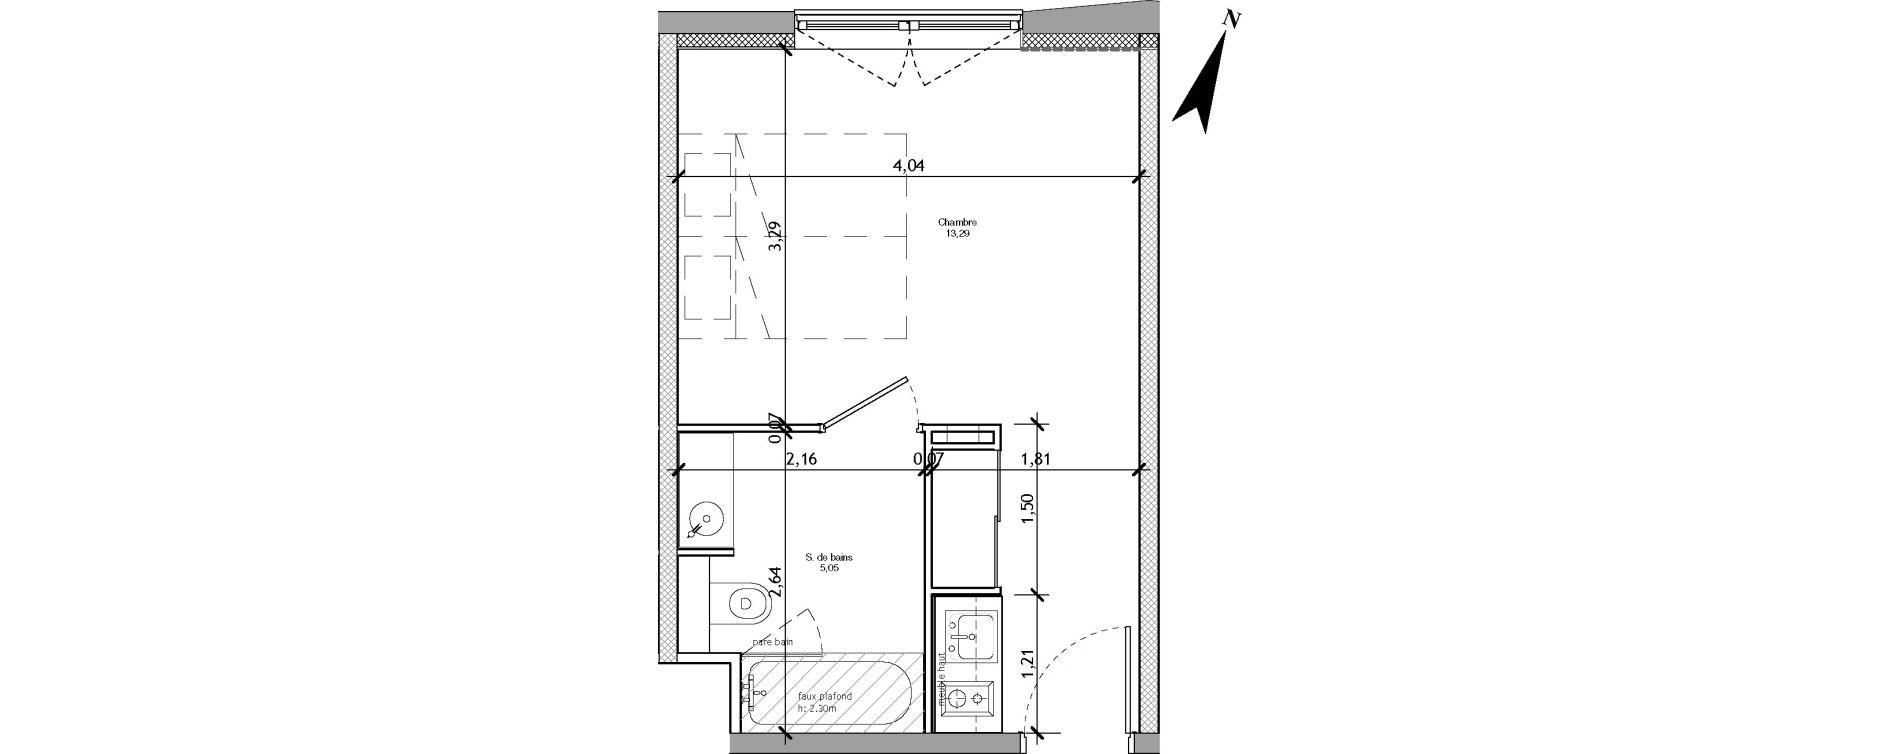 Appartement T1 meublé de 23,08 m2 à Angers La fayette-eble